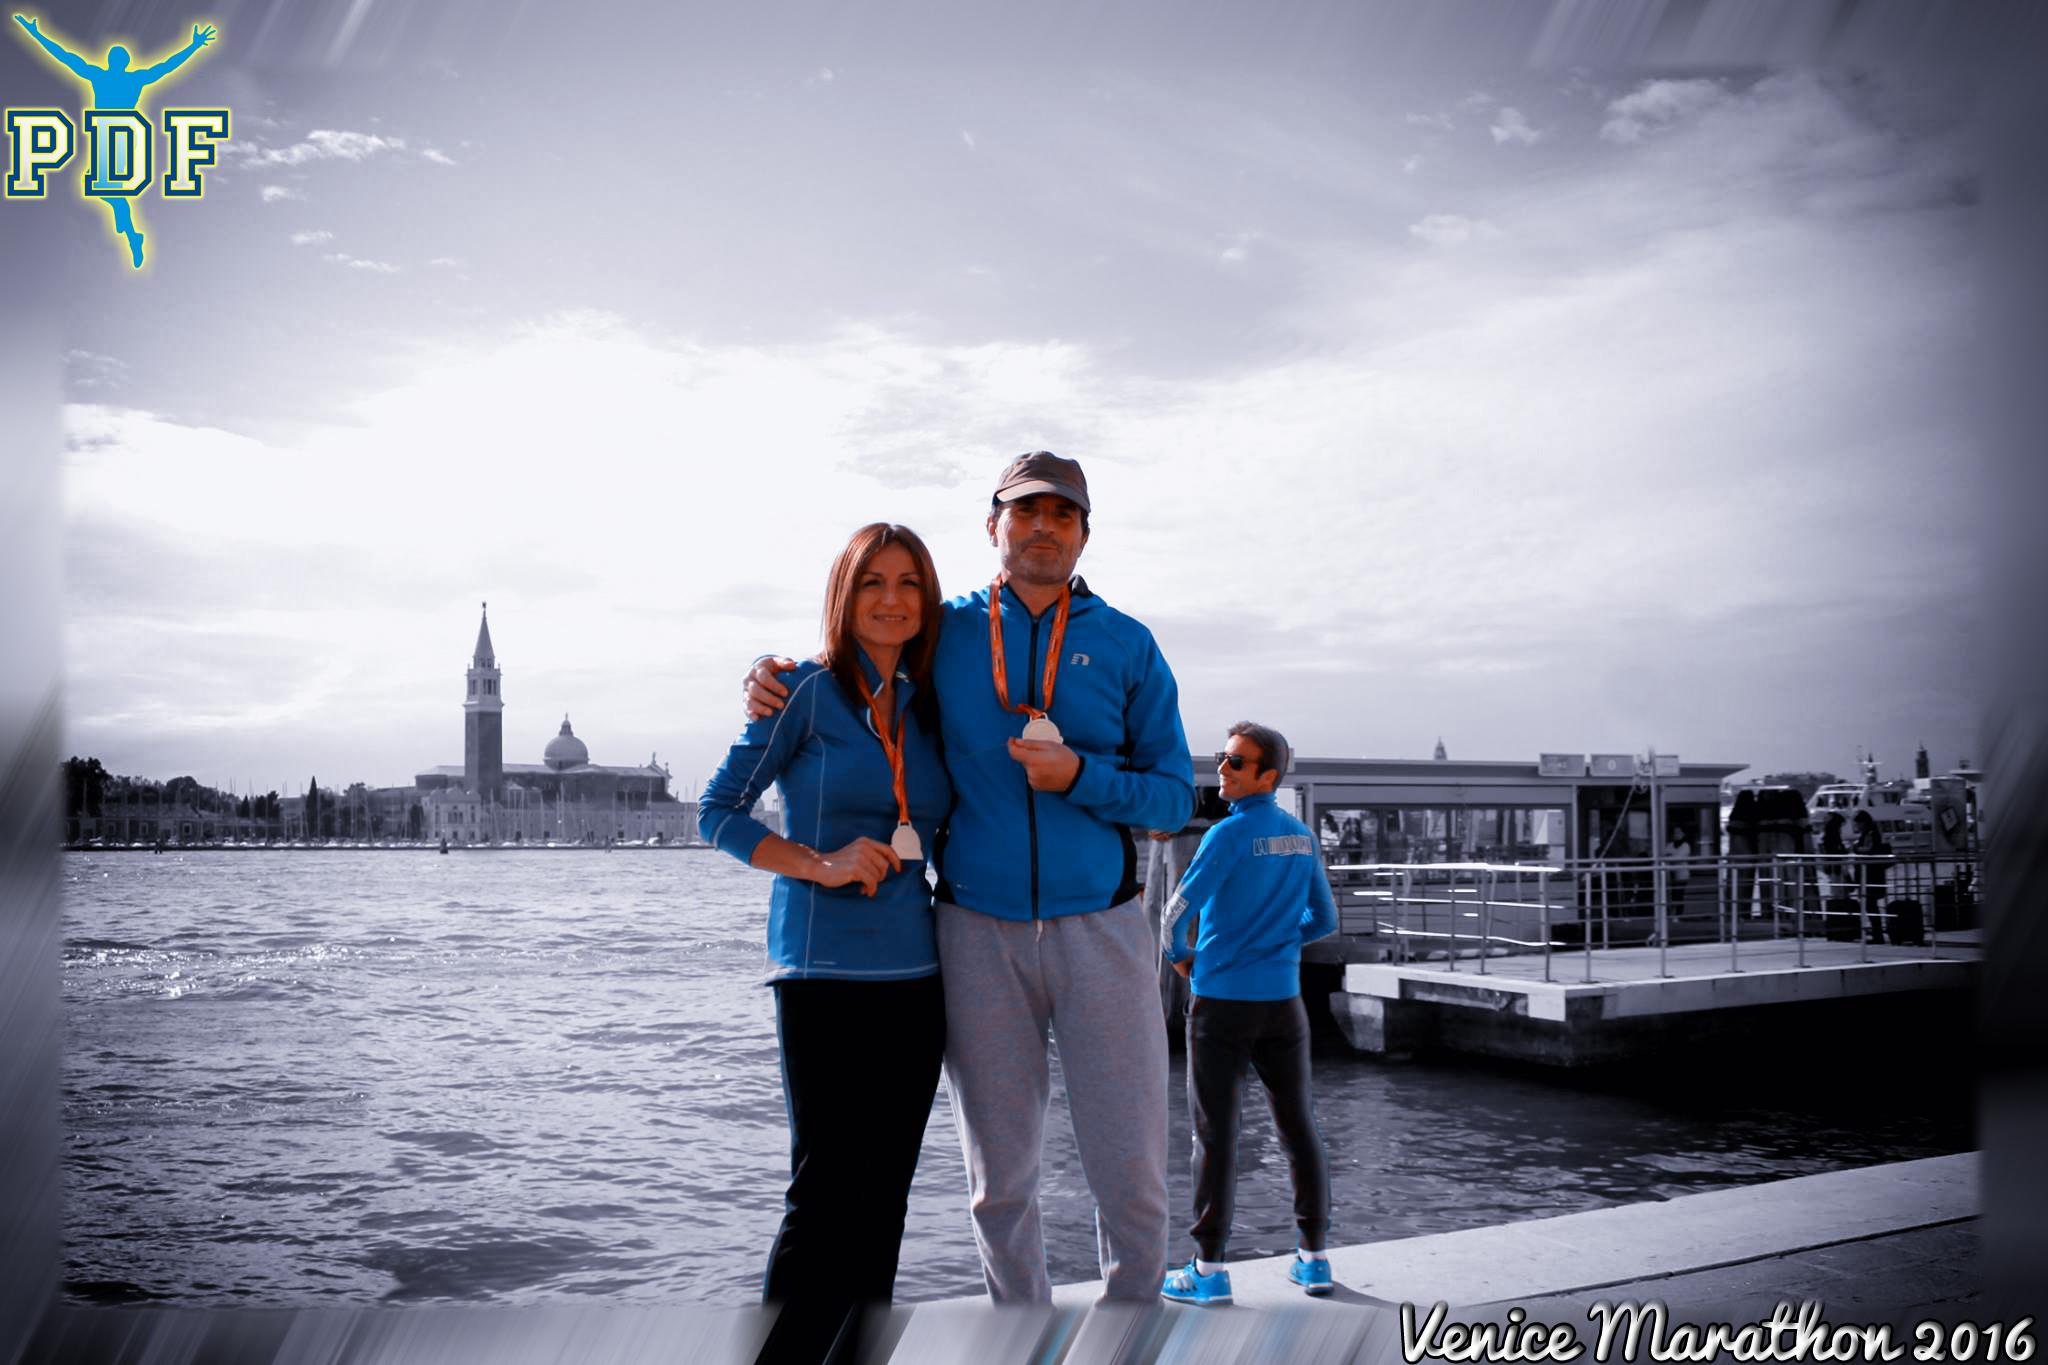 Bellissima foto ricordo dei due Pidieffini che hanno corso la Venice Marathon... Ma sullo sfondo :-O